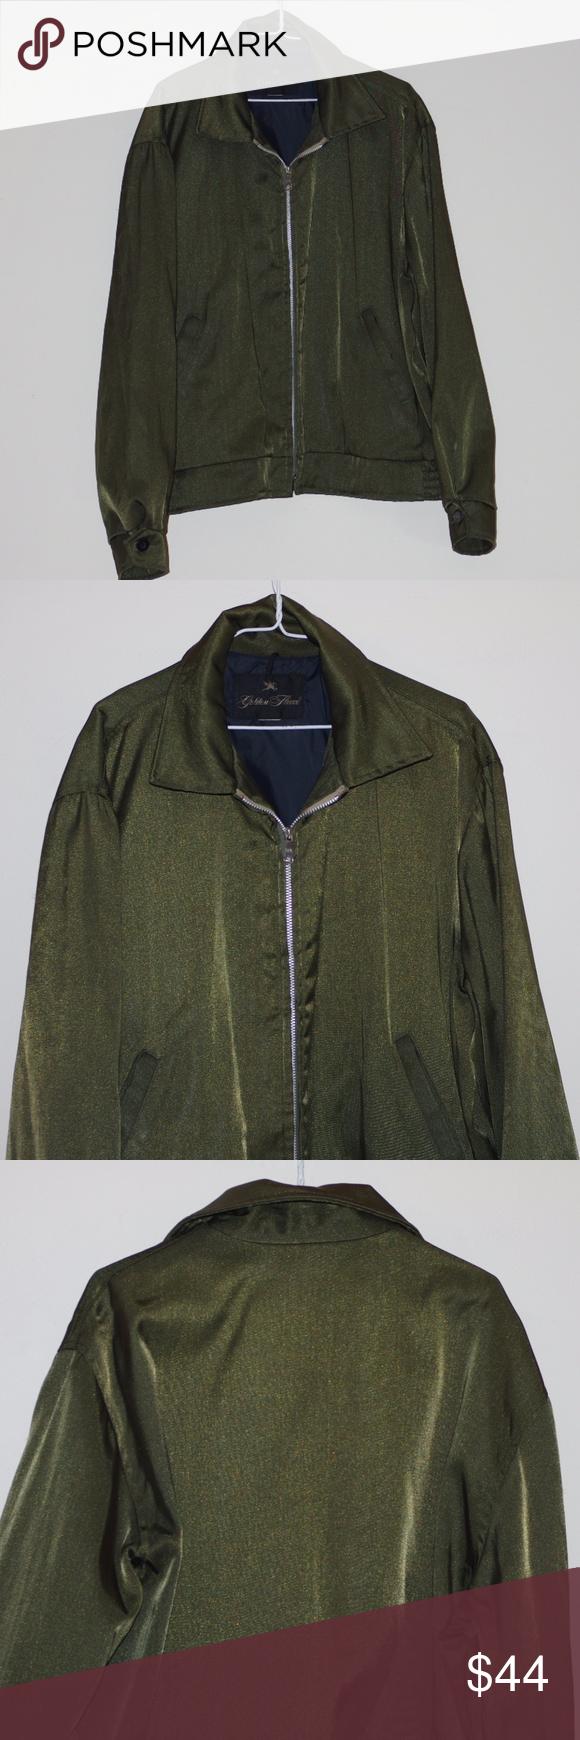 Vintage exc golden fleece forest green bomber vintage